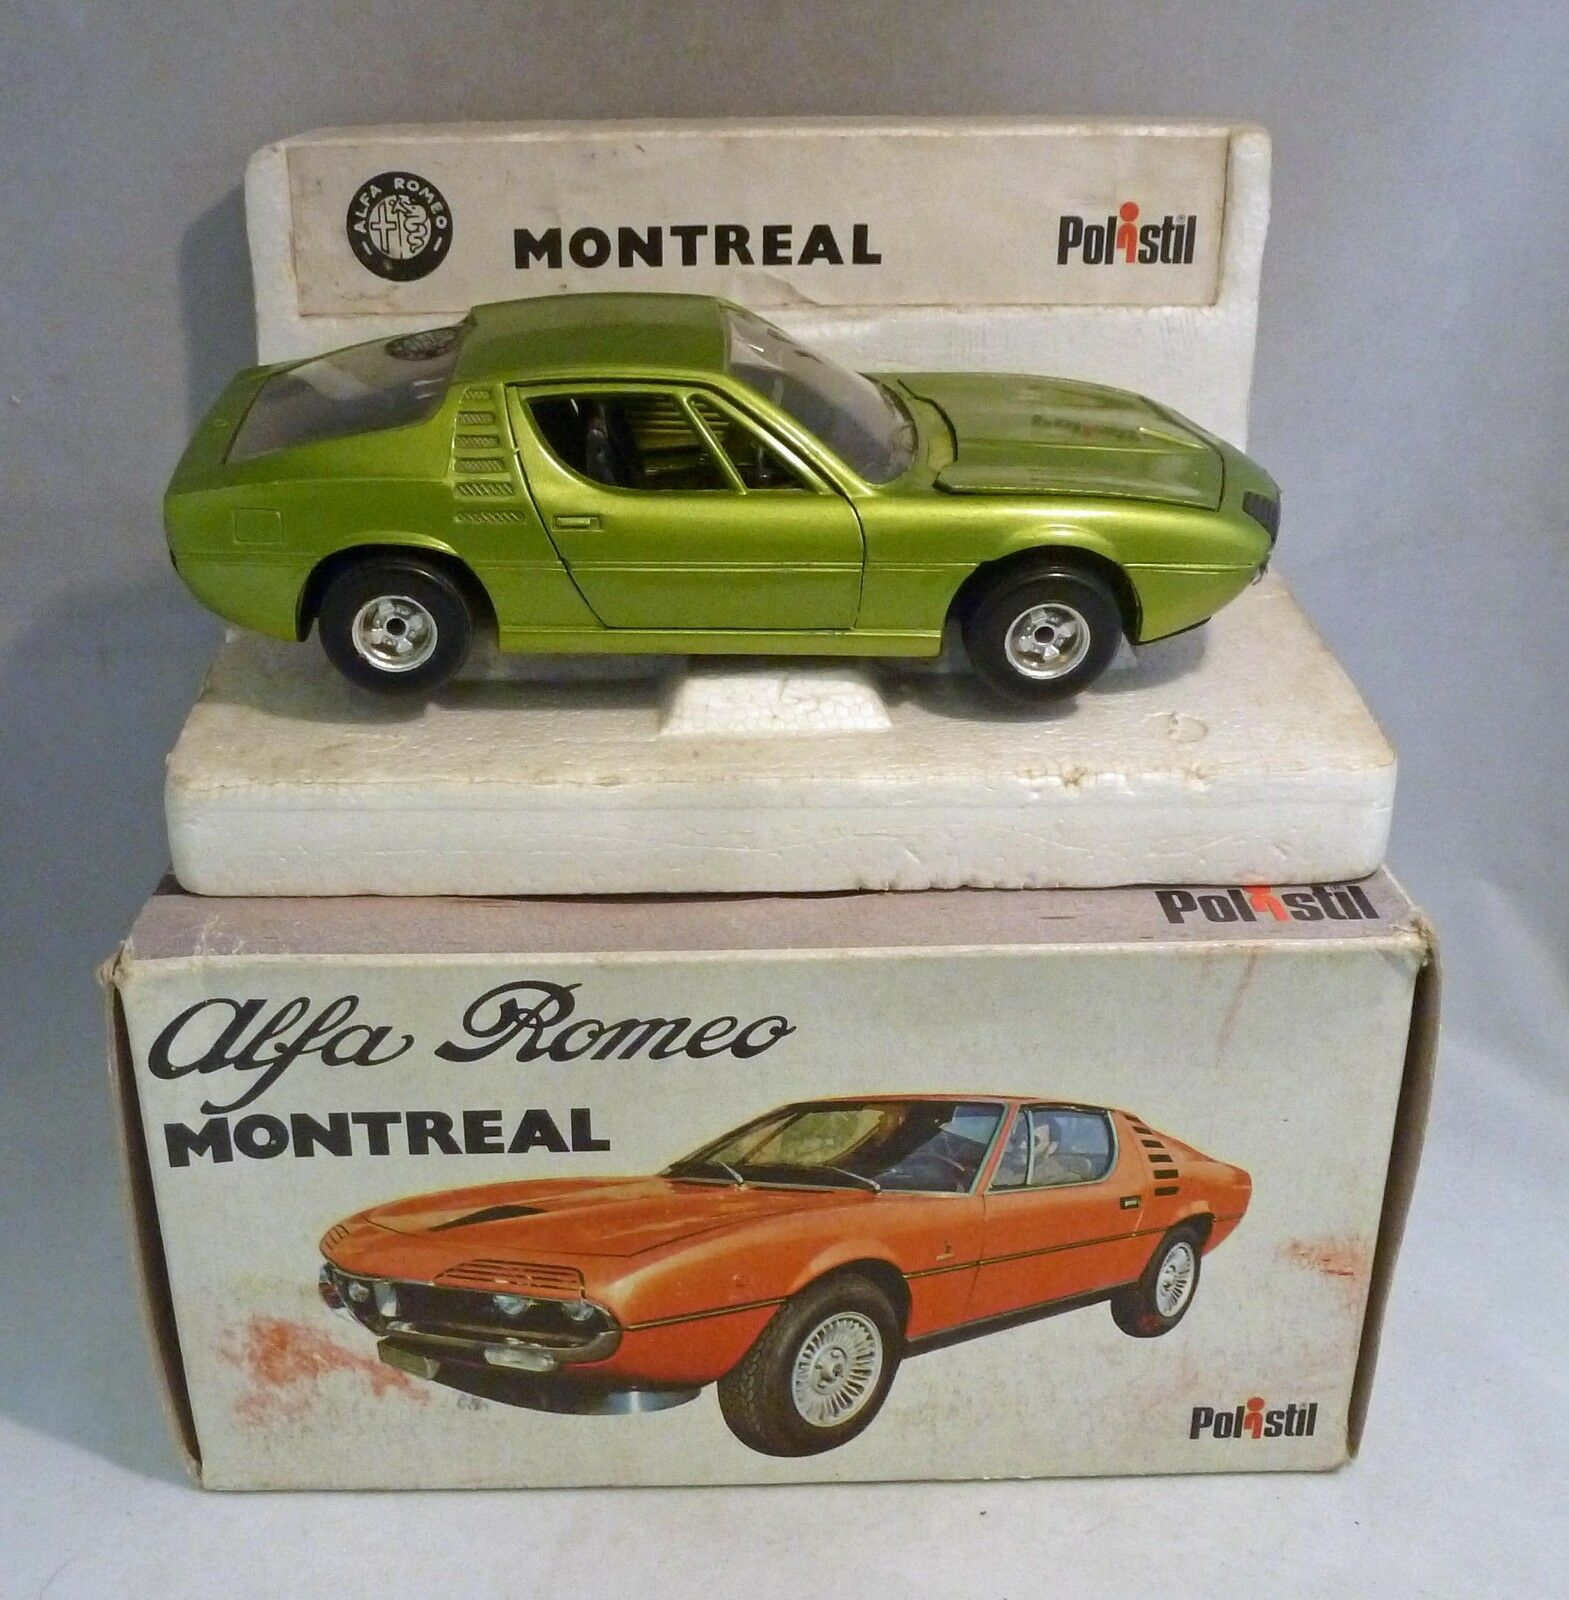 Ahorre hasta un 70% de descuento. Polistil S24 S24 S24 Alfa Romeo Montreal 1 25 Escala  suministro de productos de calidad